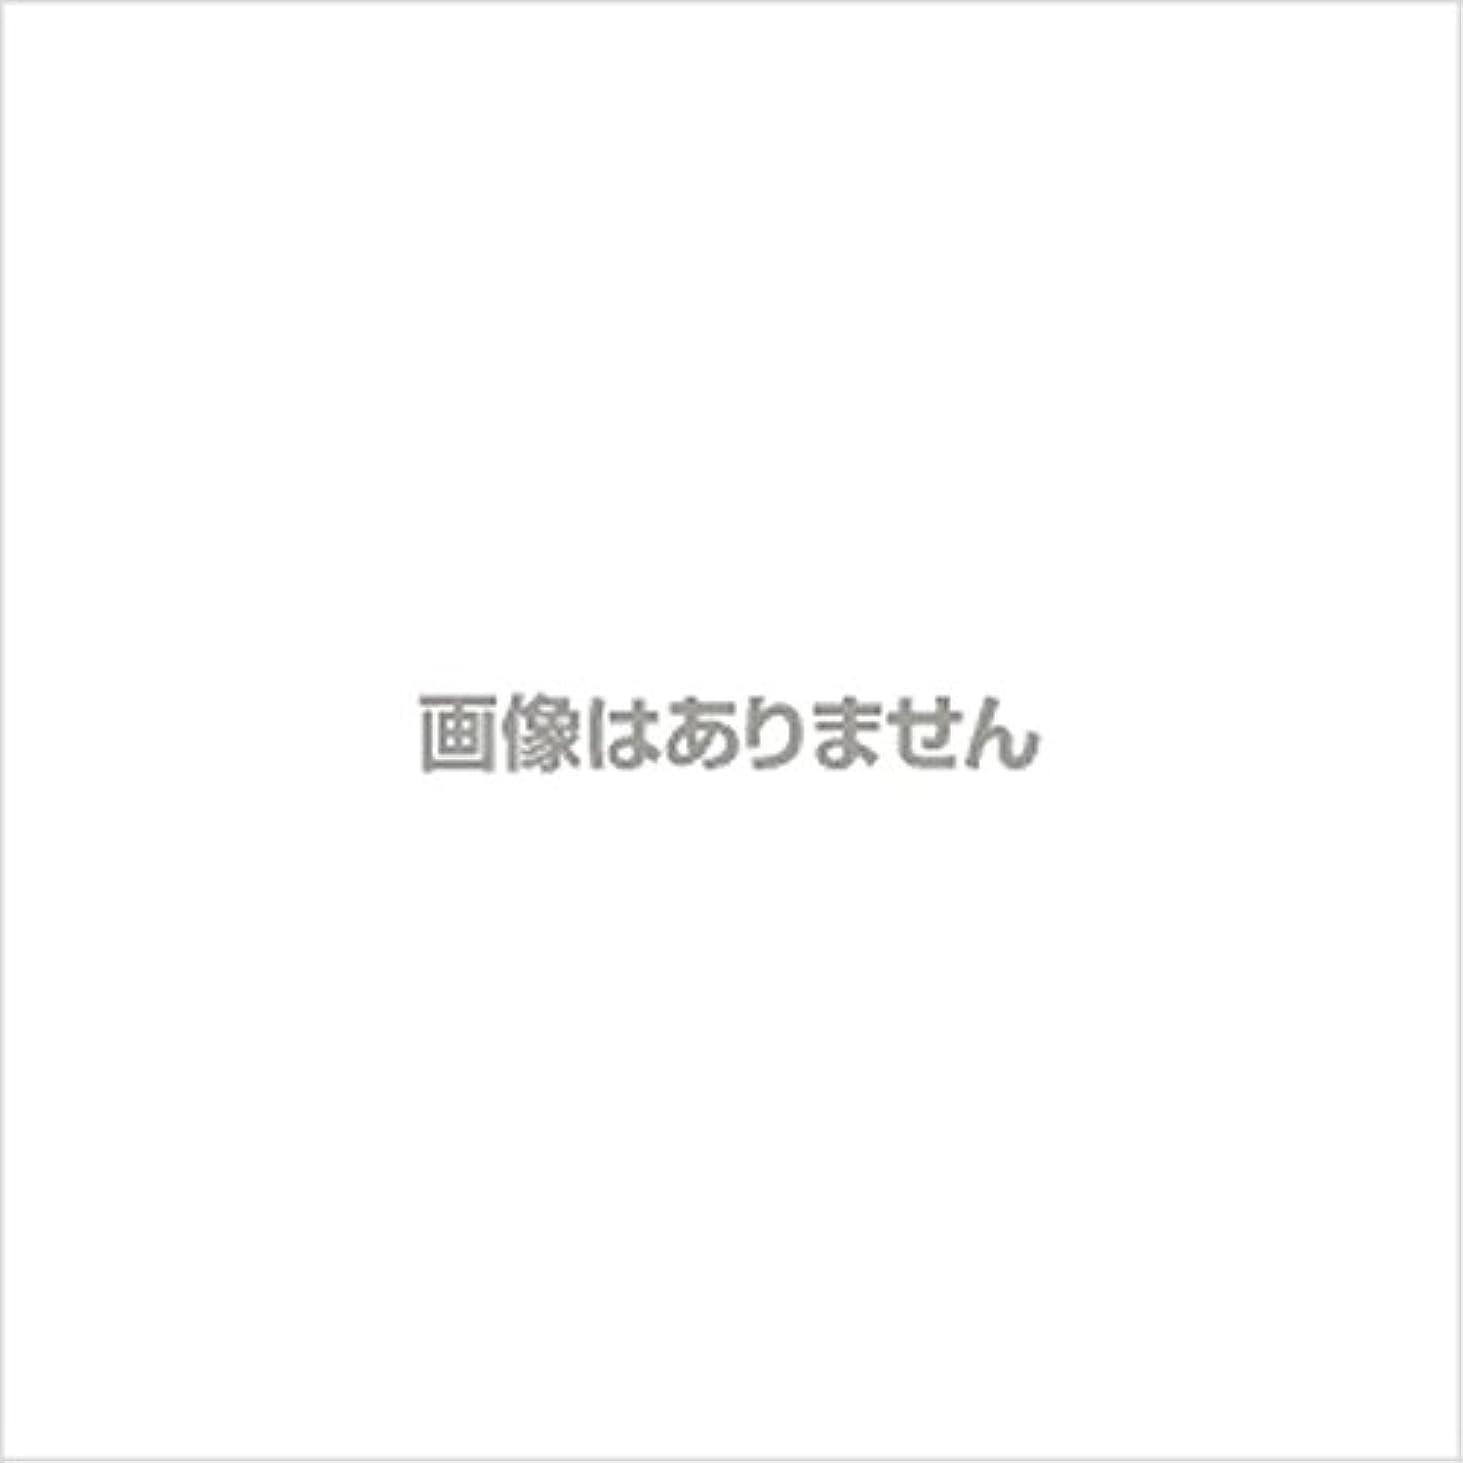 教養がある階段カフェテリア【新発売】EBUKEA エブケアNO1002 プラスチックグローブ(粉付)Mサイズ 100枚入(極薄?半透明)